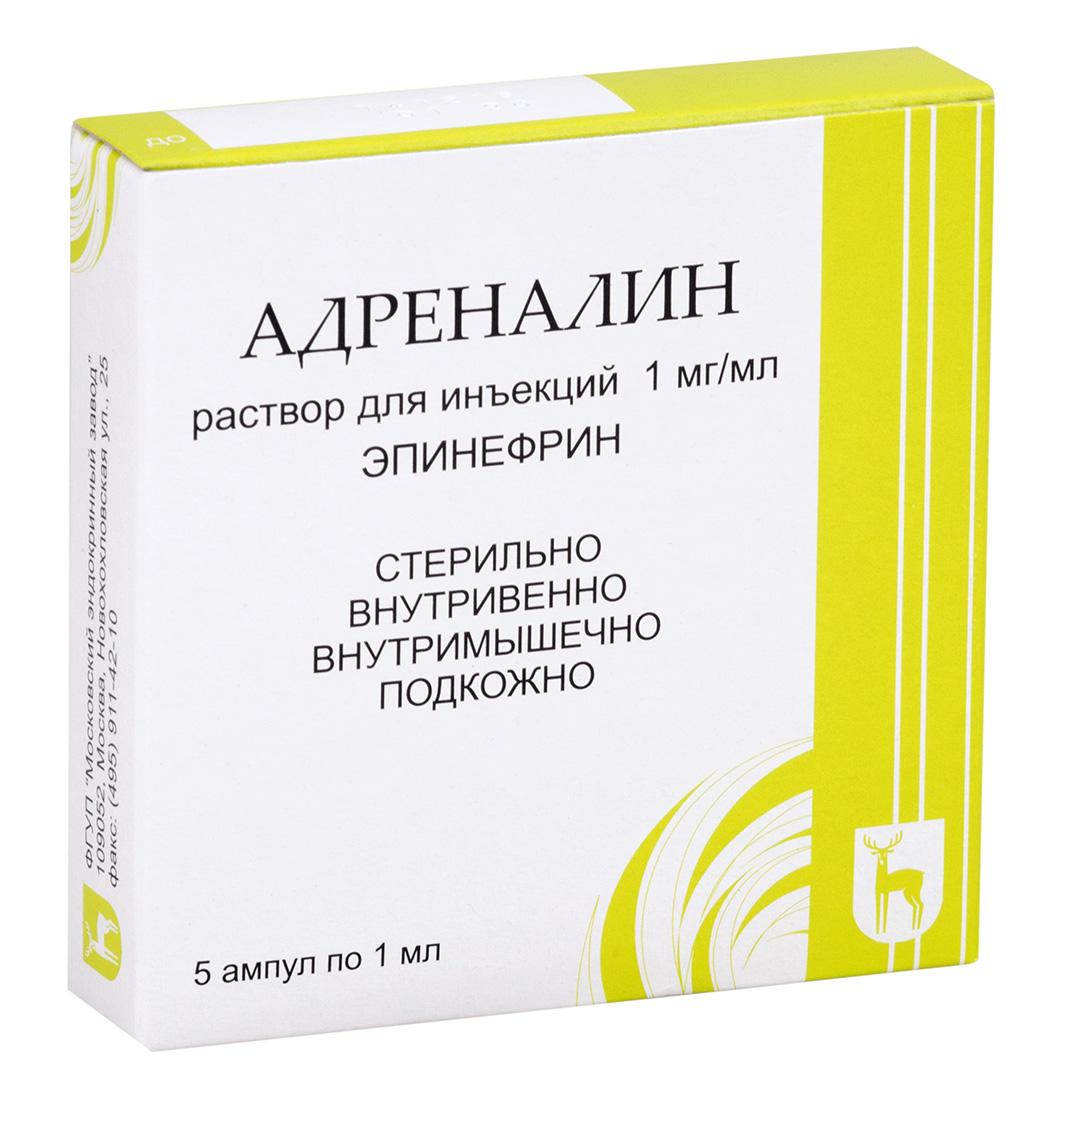 Адреналин р-р д/ин. 1мг/мл 1мл n5